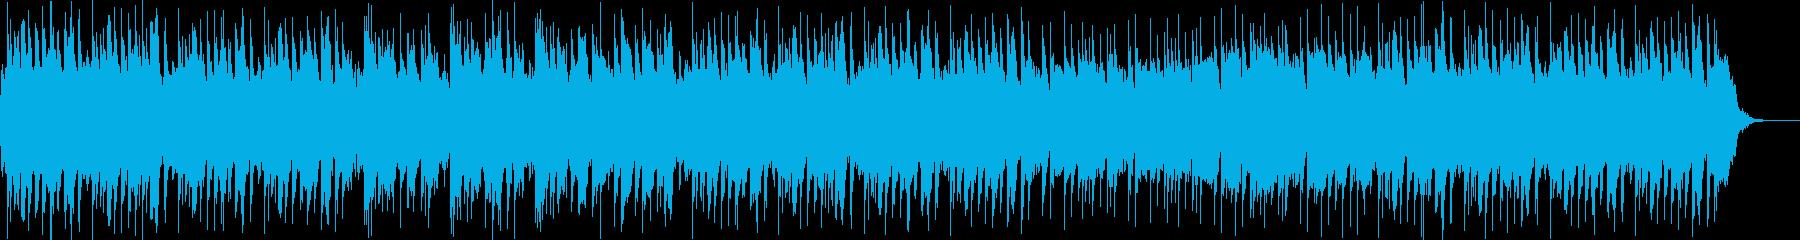 怪しいファンタジーなハロウィン風の曲の再生済みの波形